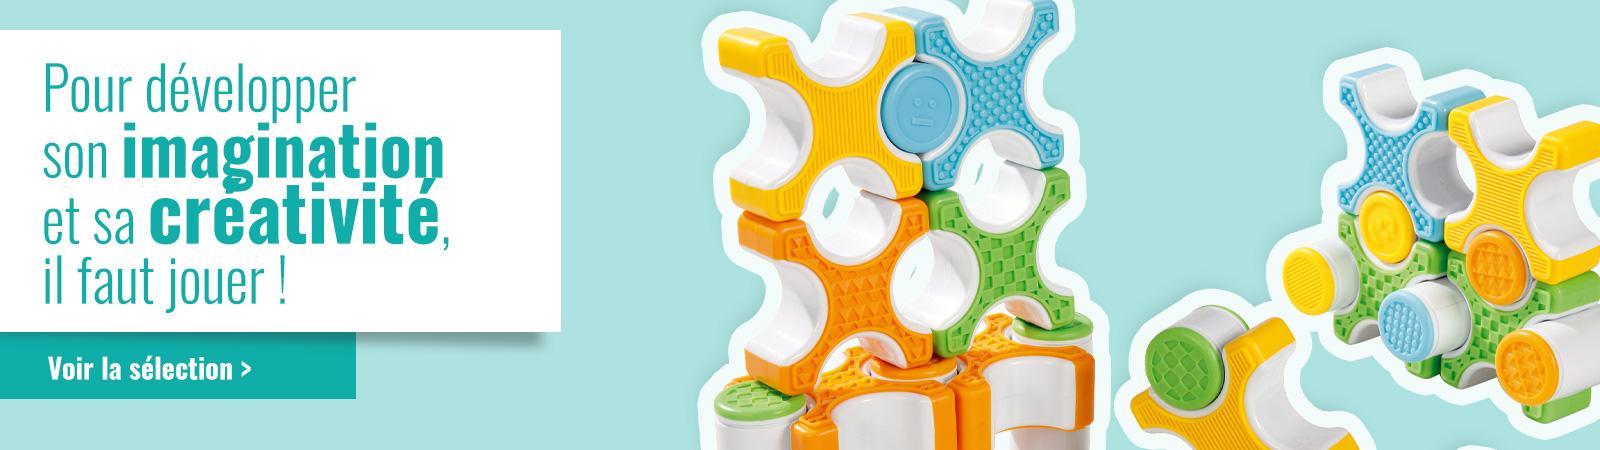 Développez l'imagination et la créativité des enfants avec les jeux de construction Wesco